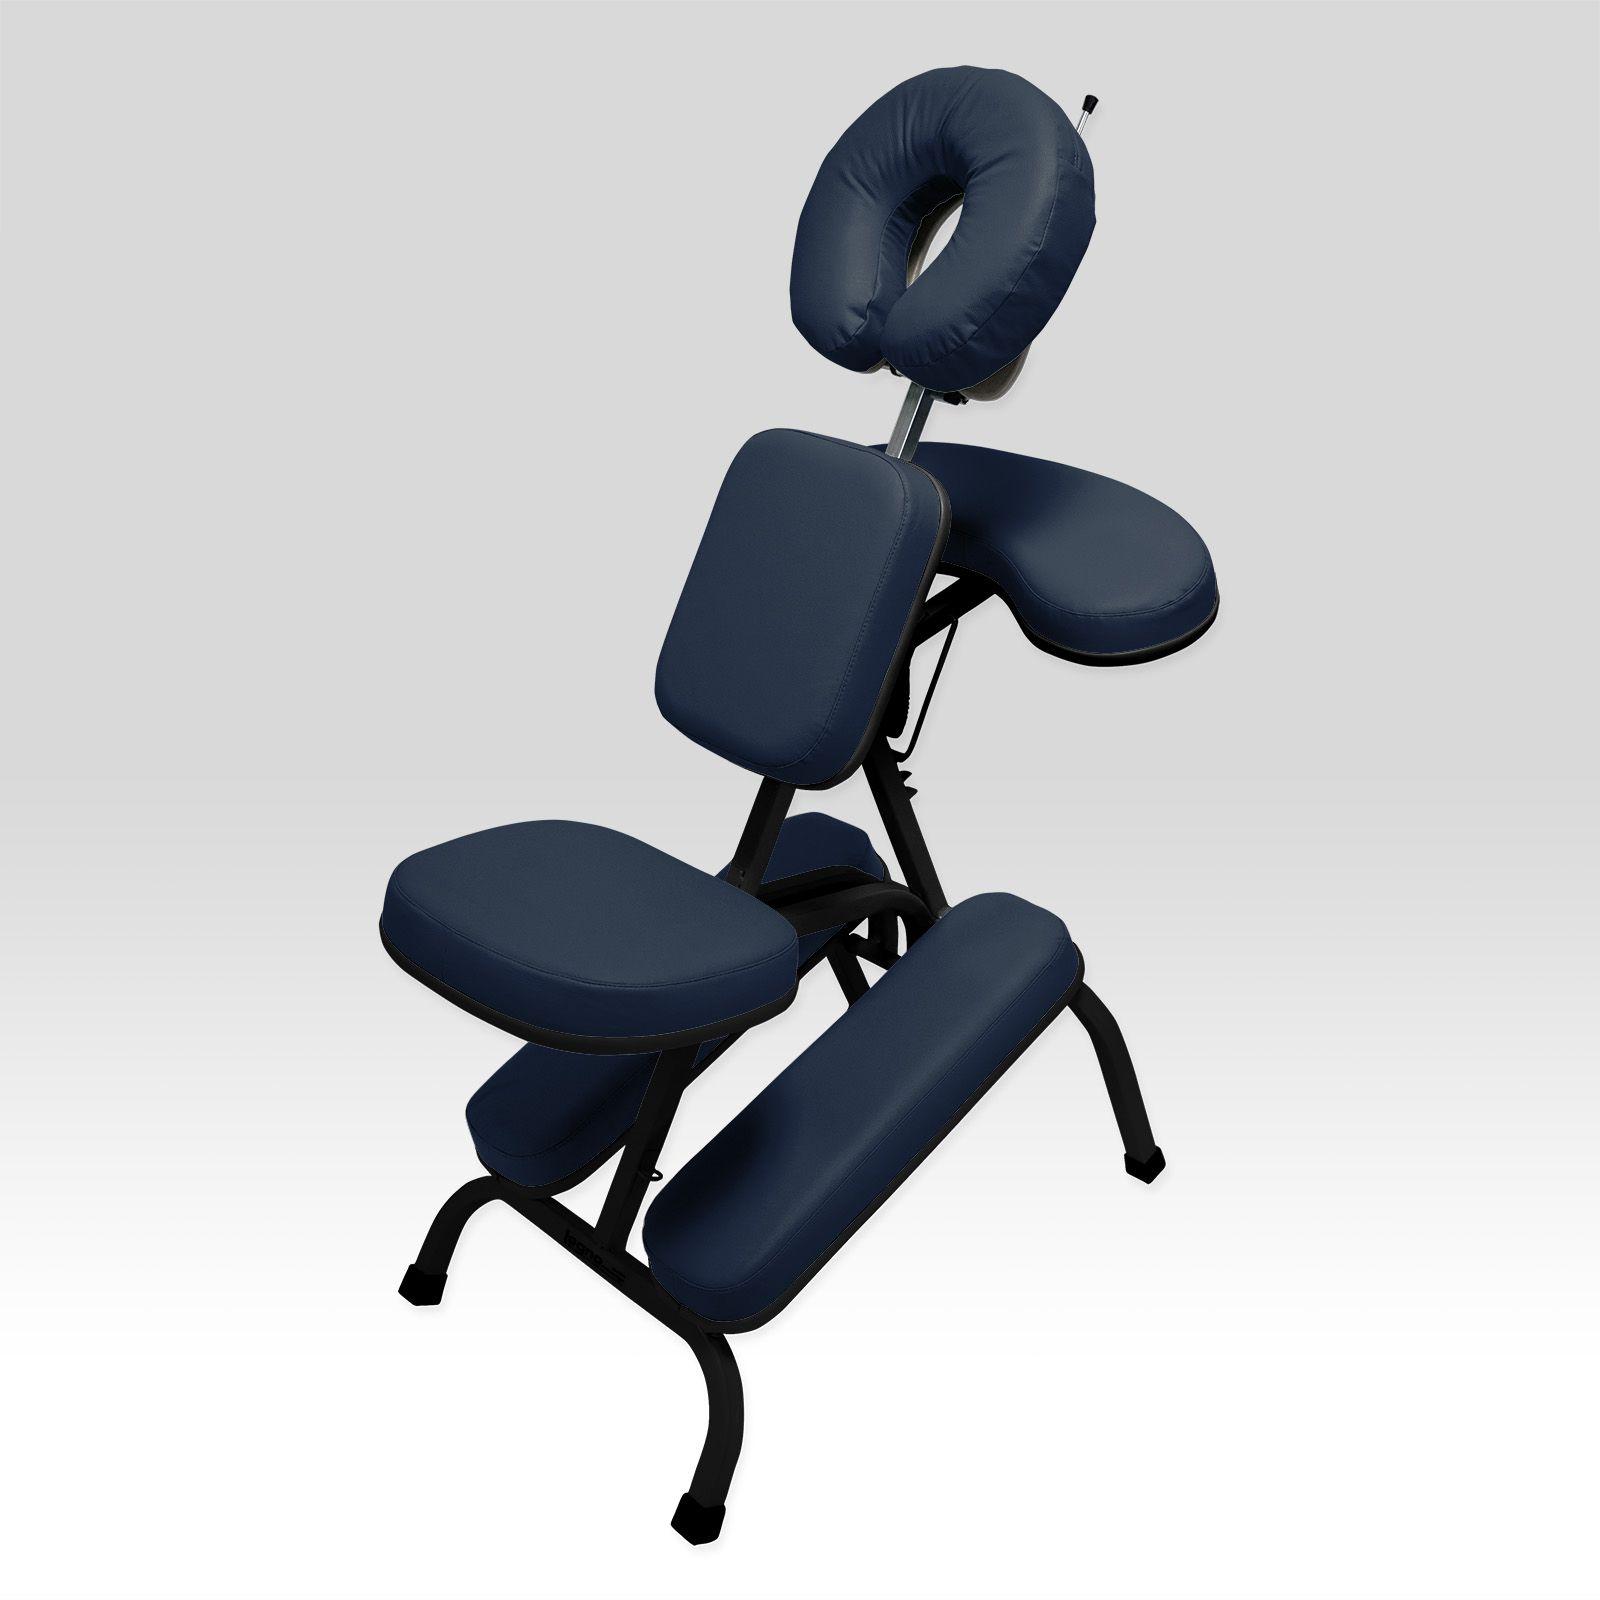 Cadeira para Quick Massage Dobravel e Portatil em Aco Legno